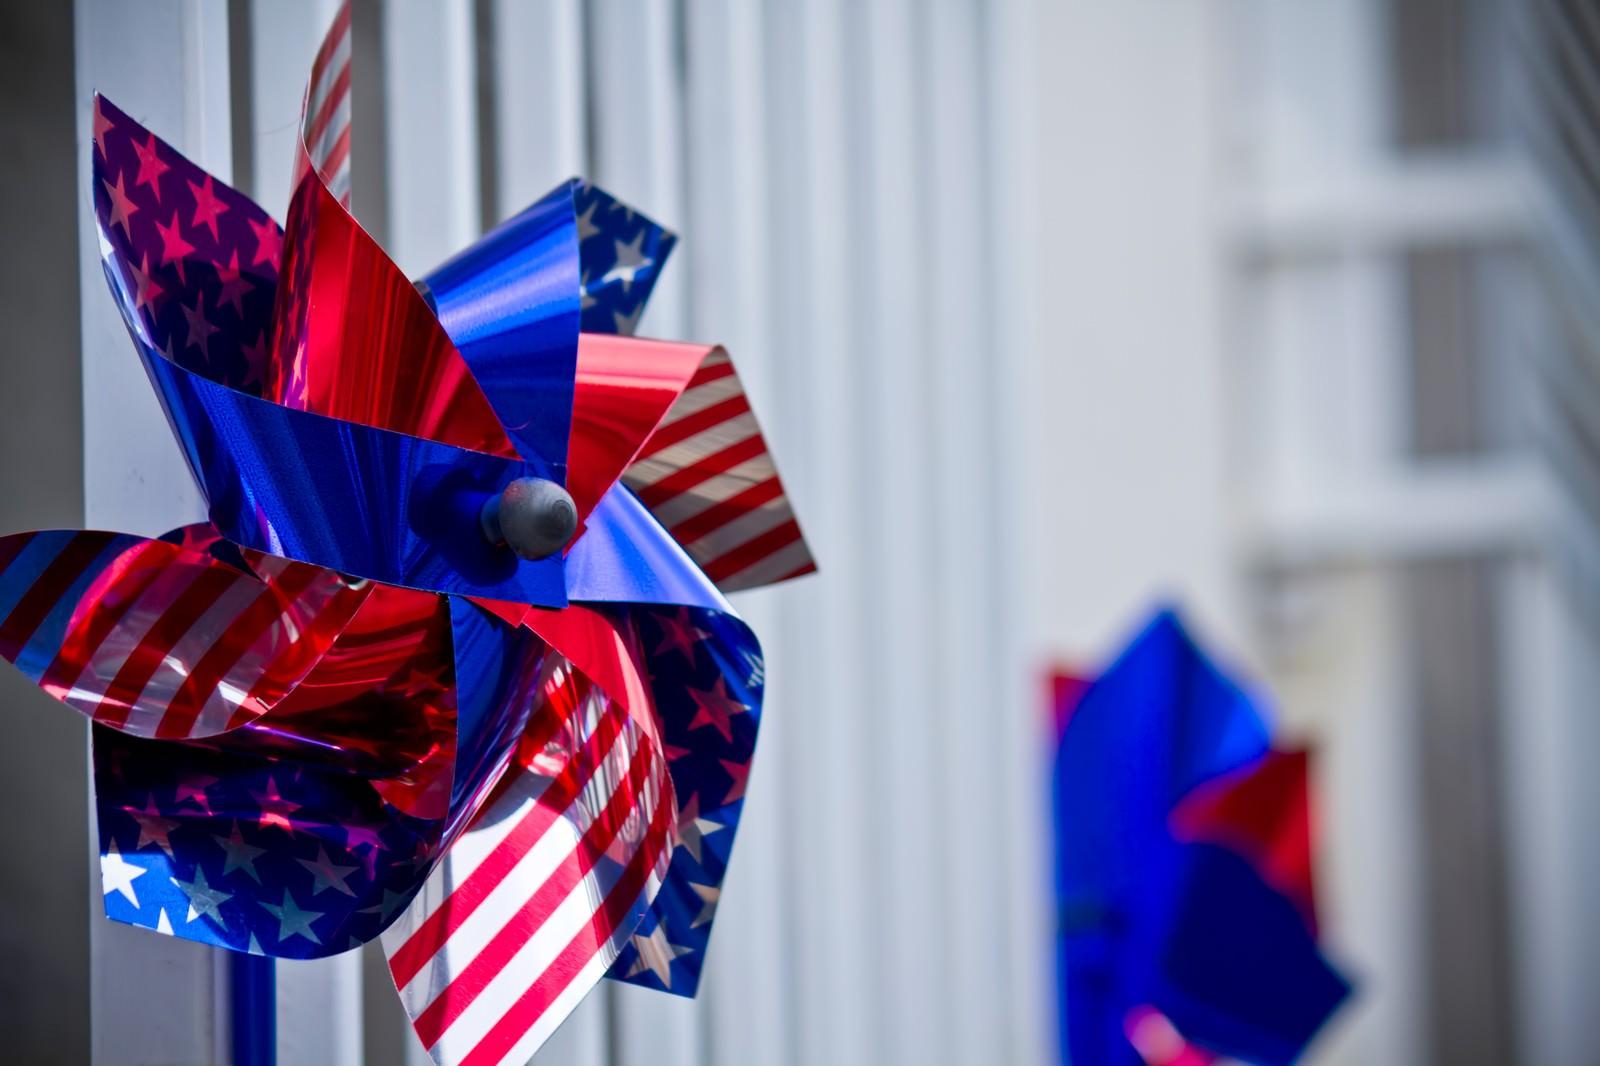 「アメリカ国旗の風車アメリカ国旗の風車」のフリー写真素材を拡大